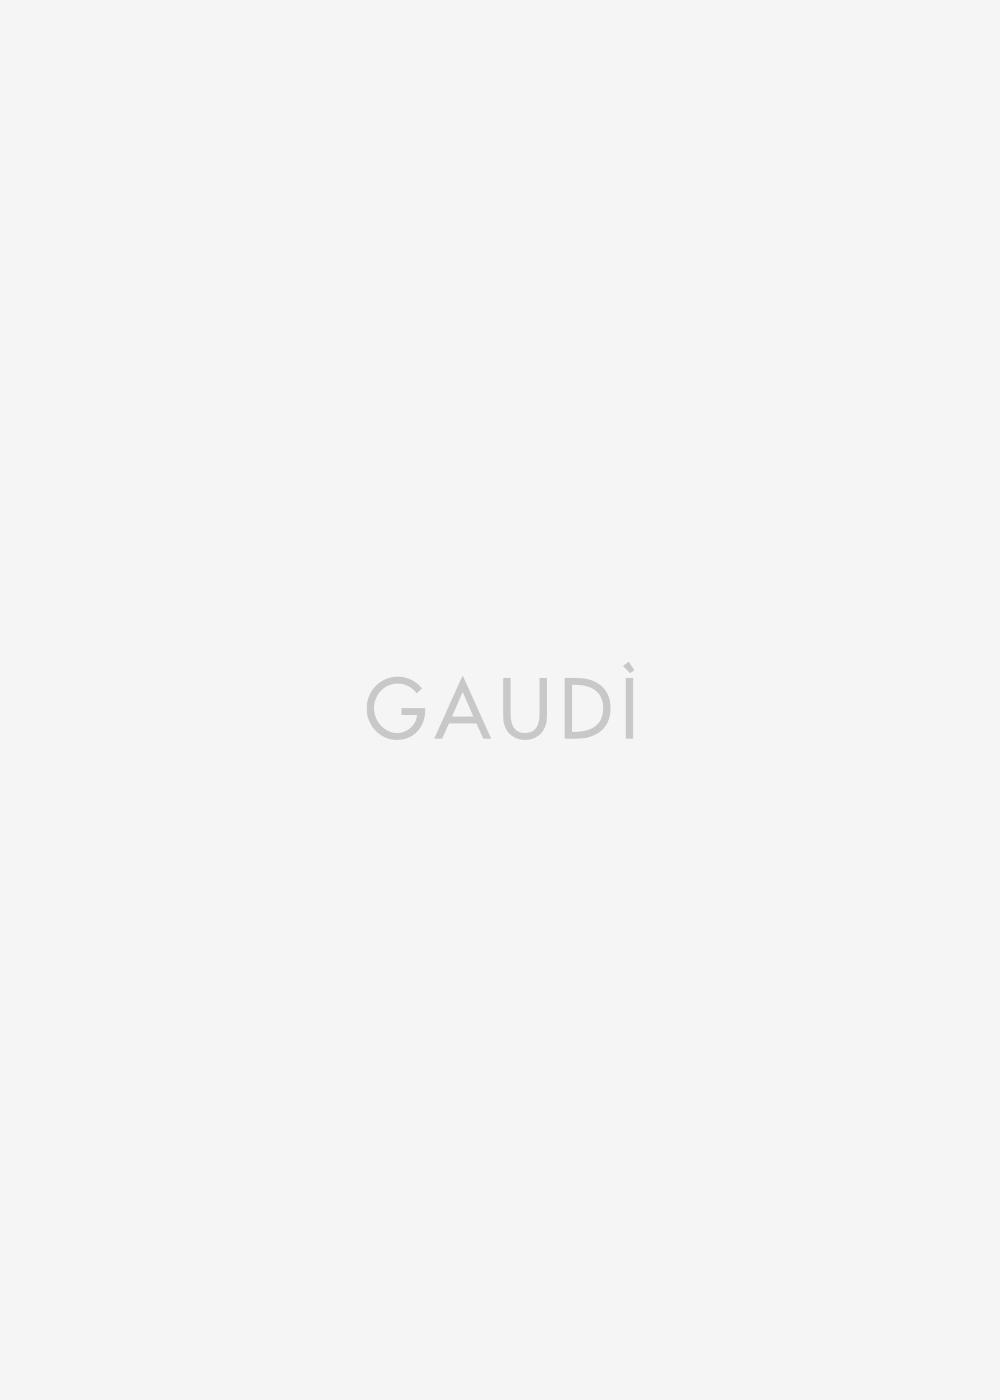 Pantaloni chino cargo slim fit Gaudì Uomo